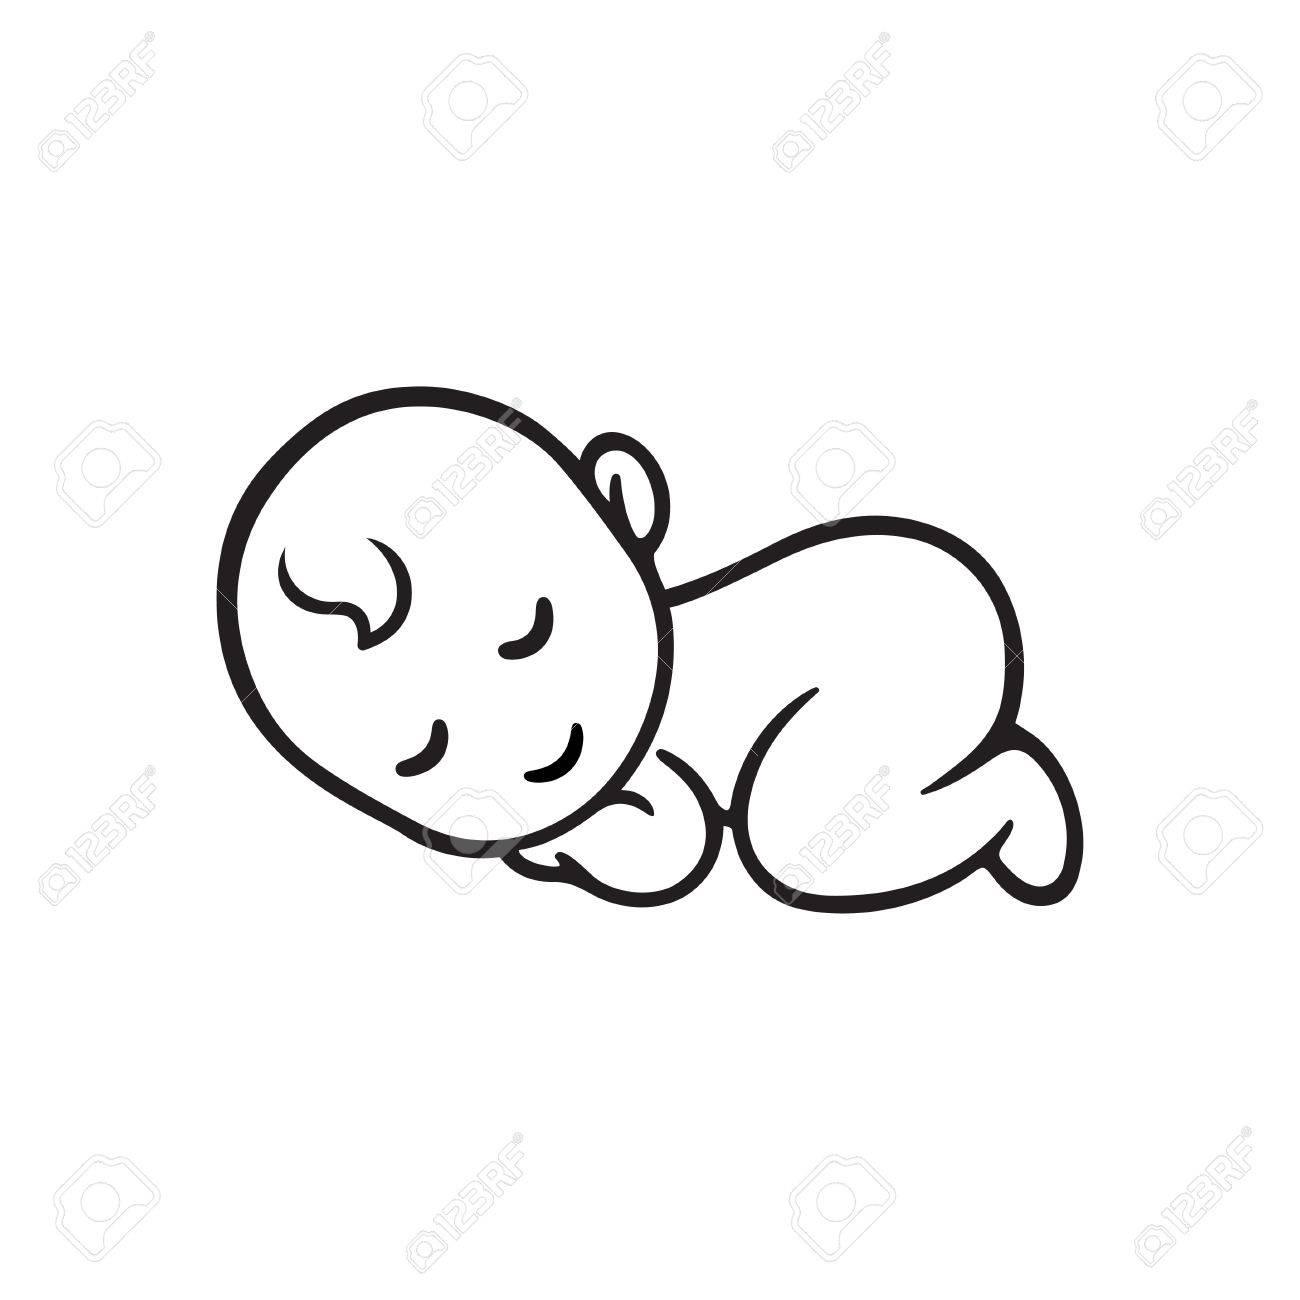 睡眠赤ちゃんのシルエット、ライン様式化されました。かわいいシンプルな